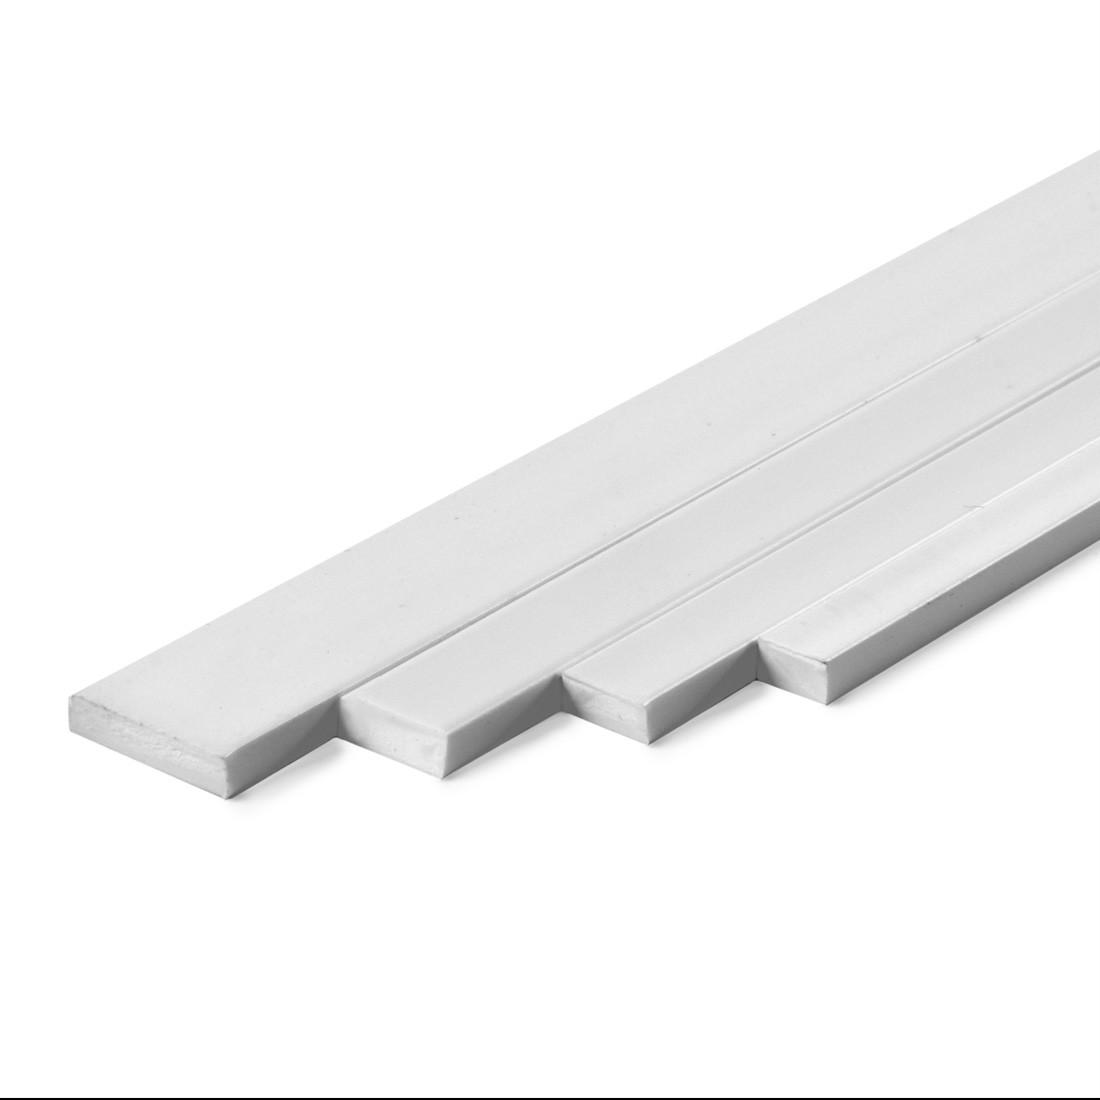 Perfil rectangular ASA mm.2x3x1000